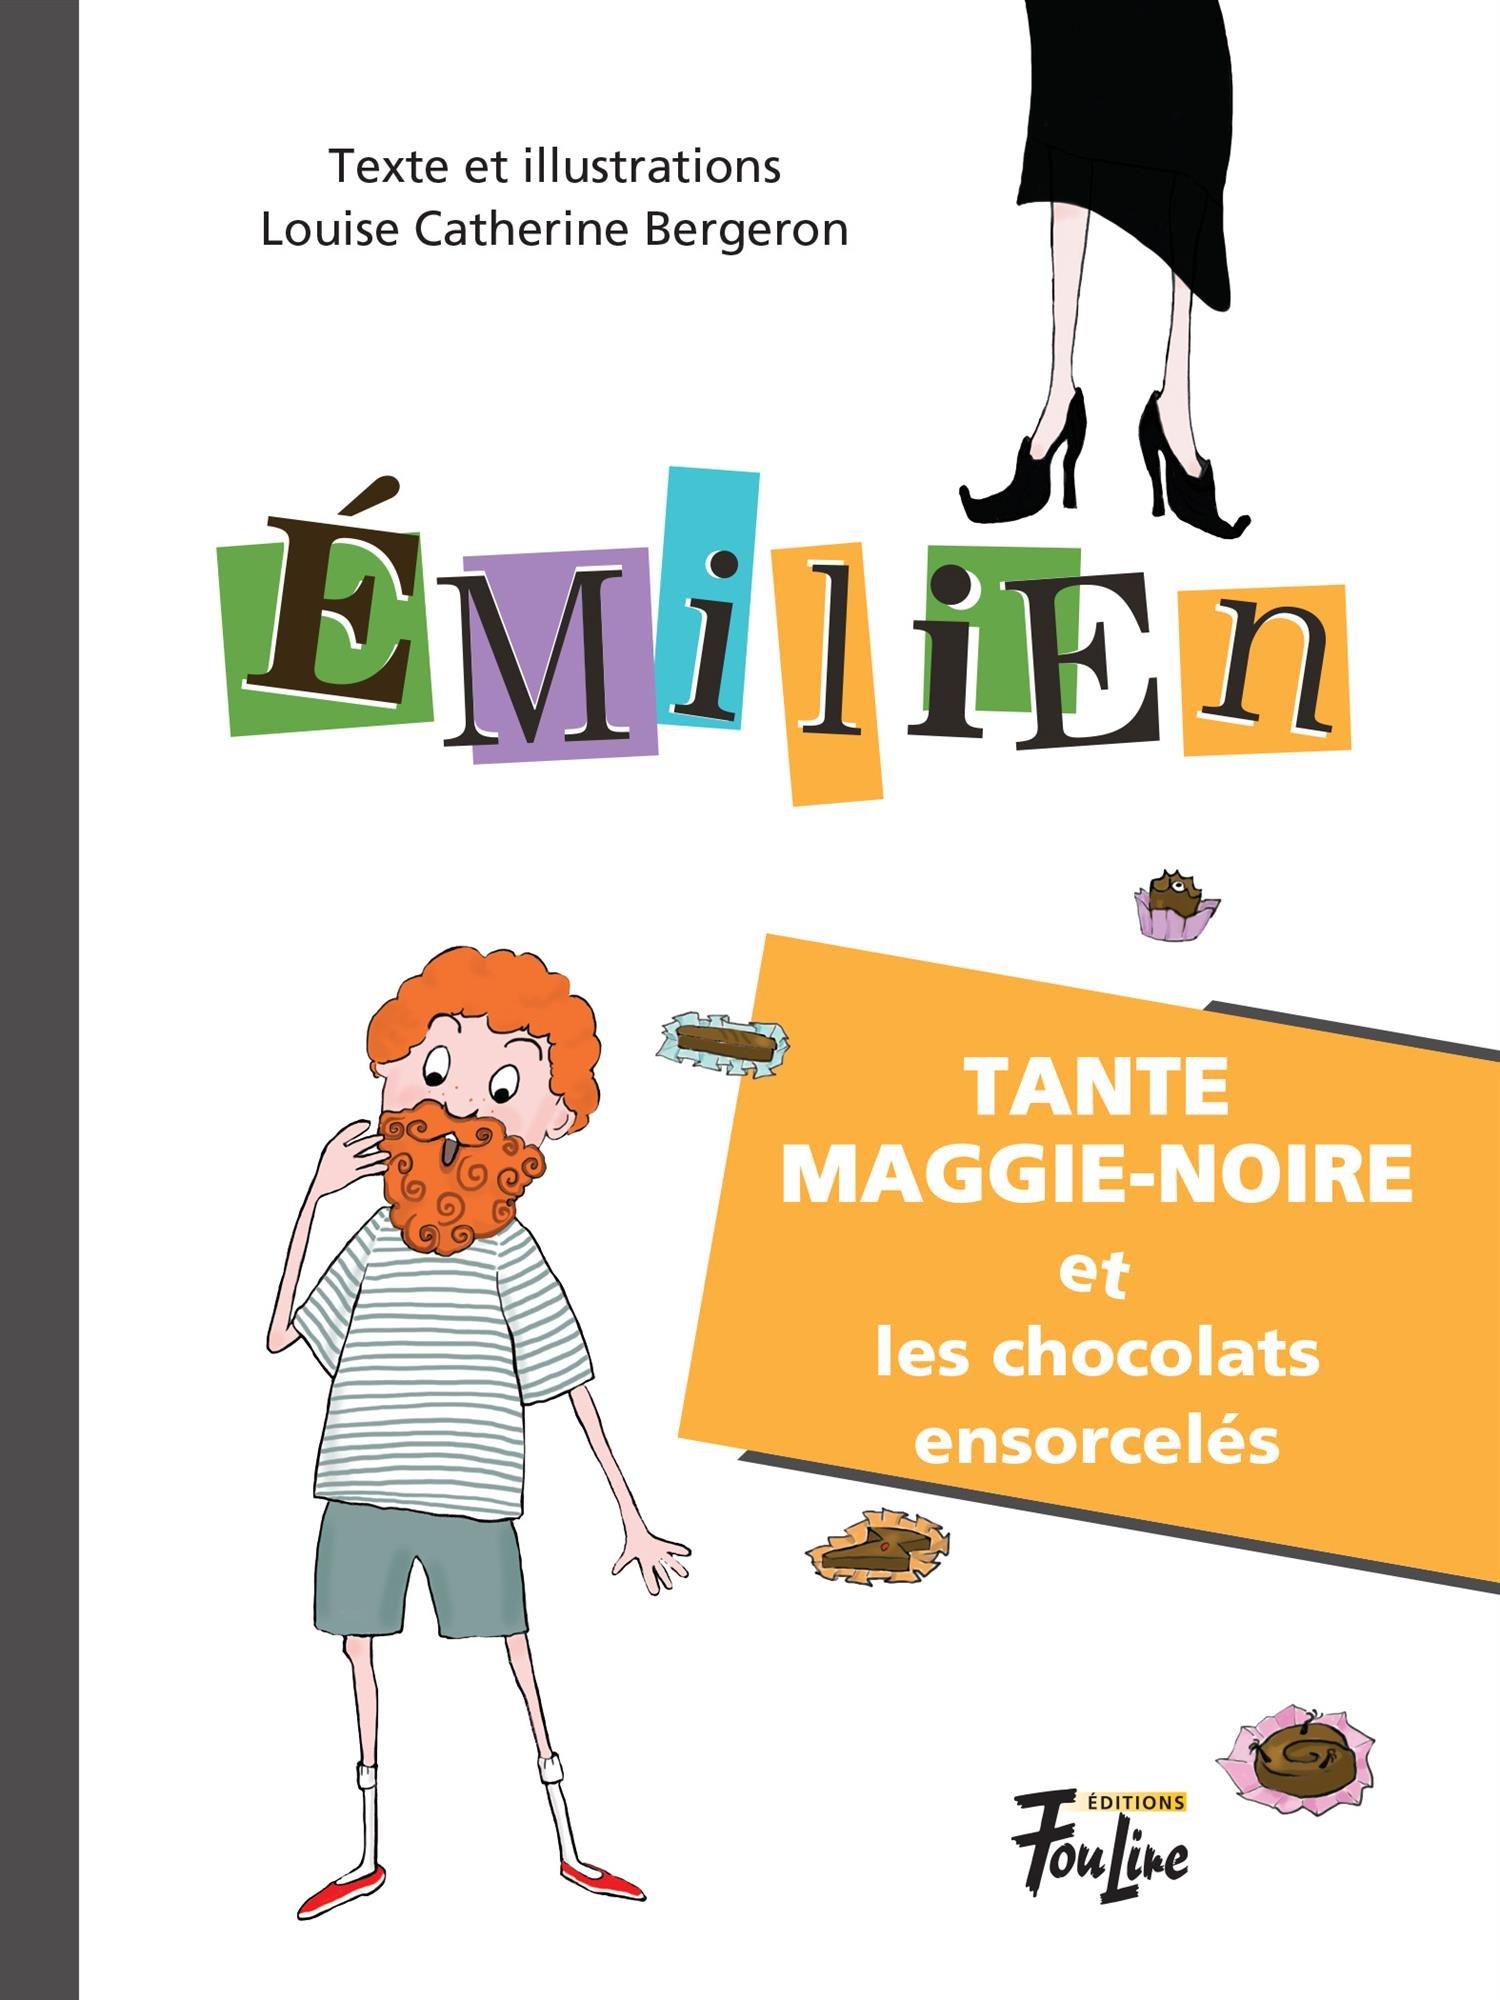 Tante Maggie-Noire et les chocolats ensorcelés